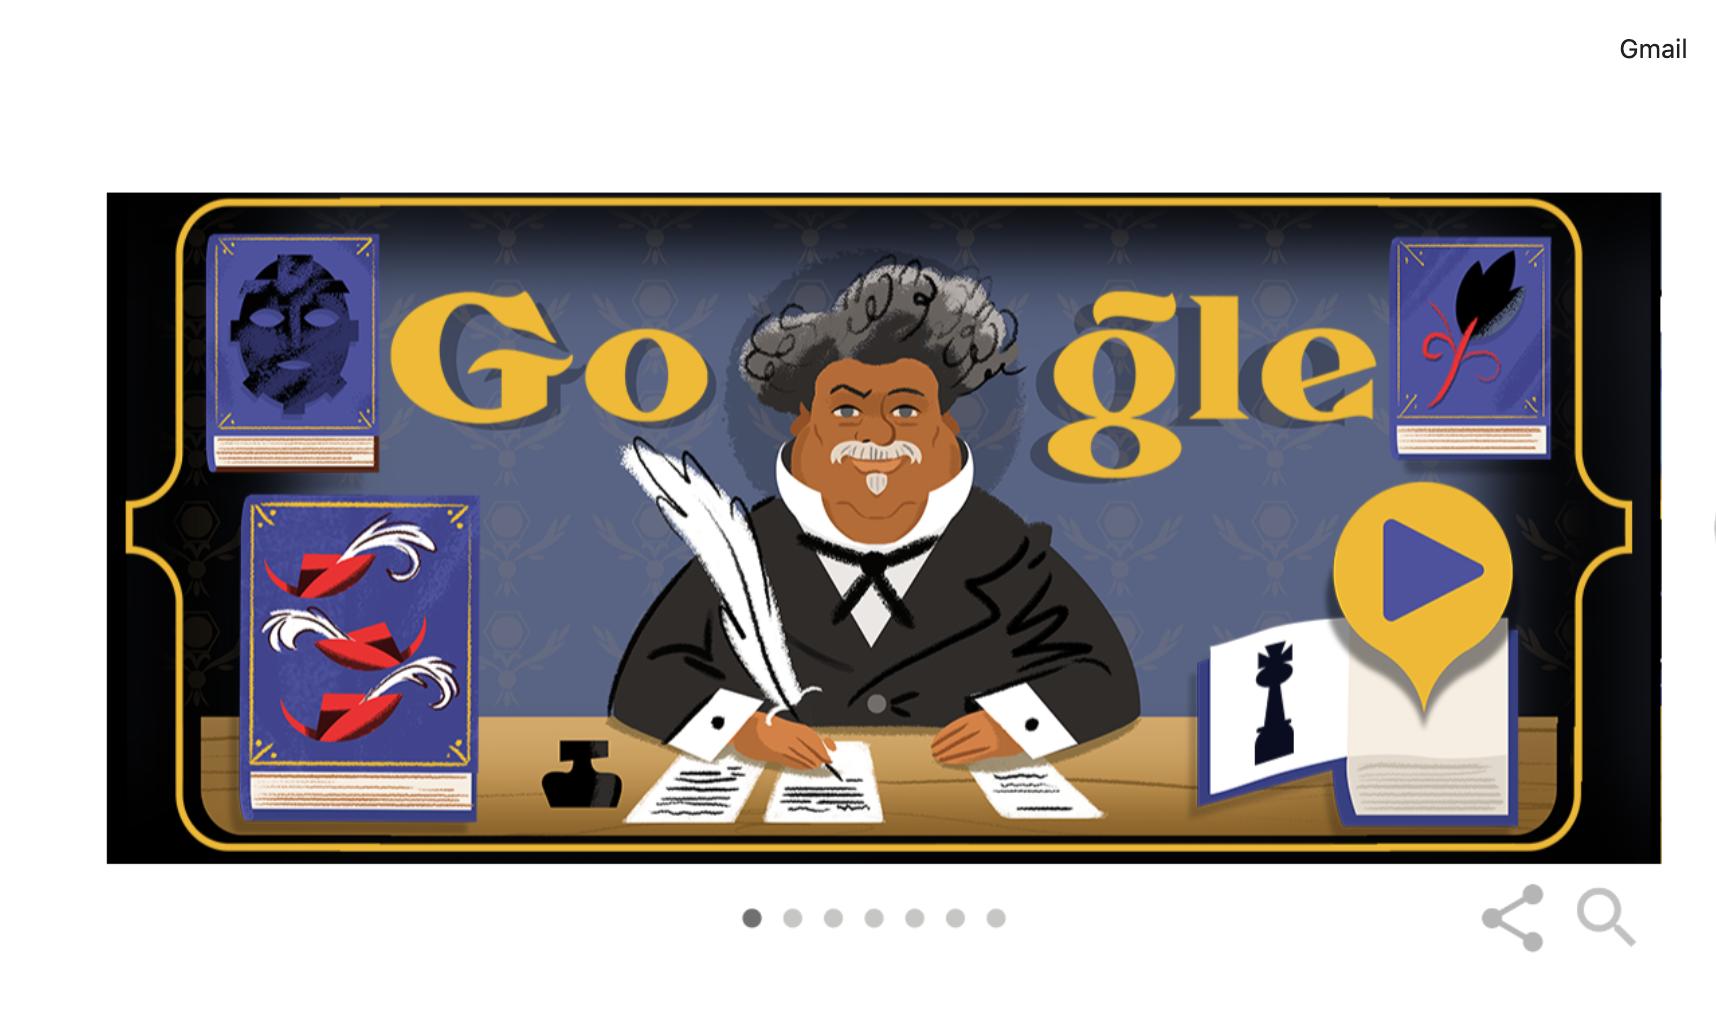 google celebra lo scrittore alexandre dumas con un fantastico doodle ecco perche fu cosi amato giornale di sicilia google celebra lo scrittore alexandre